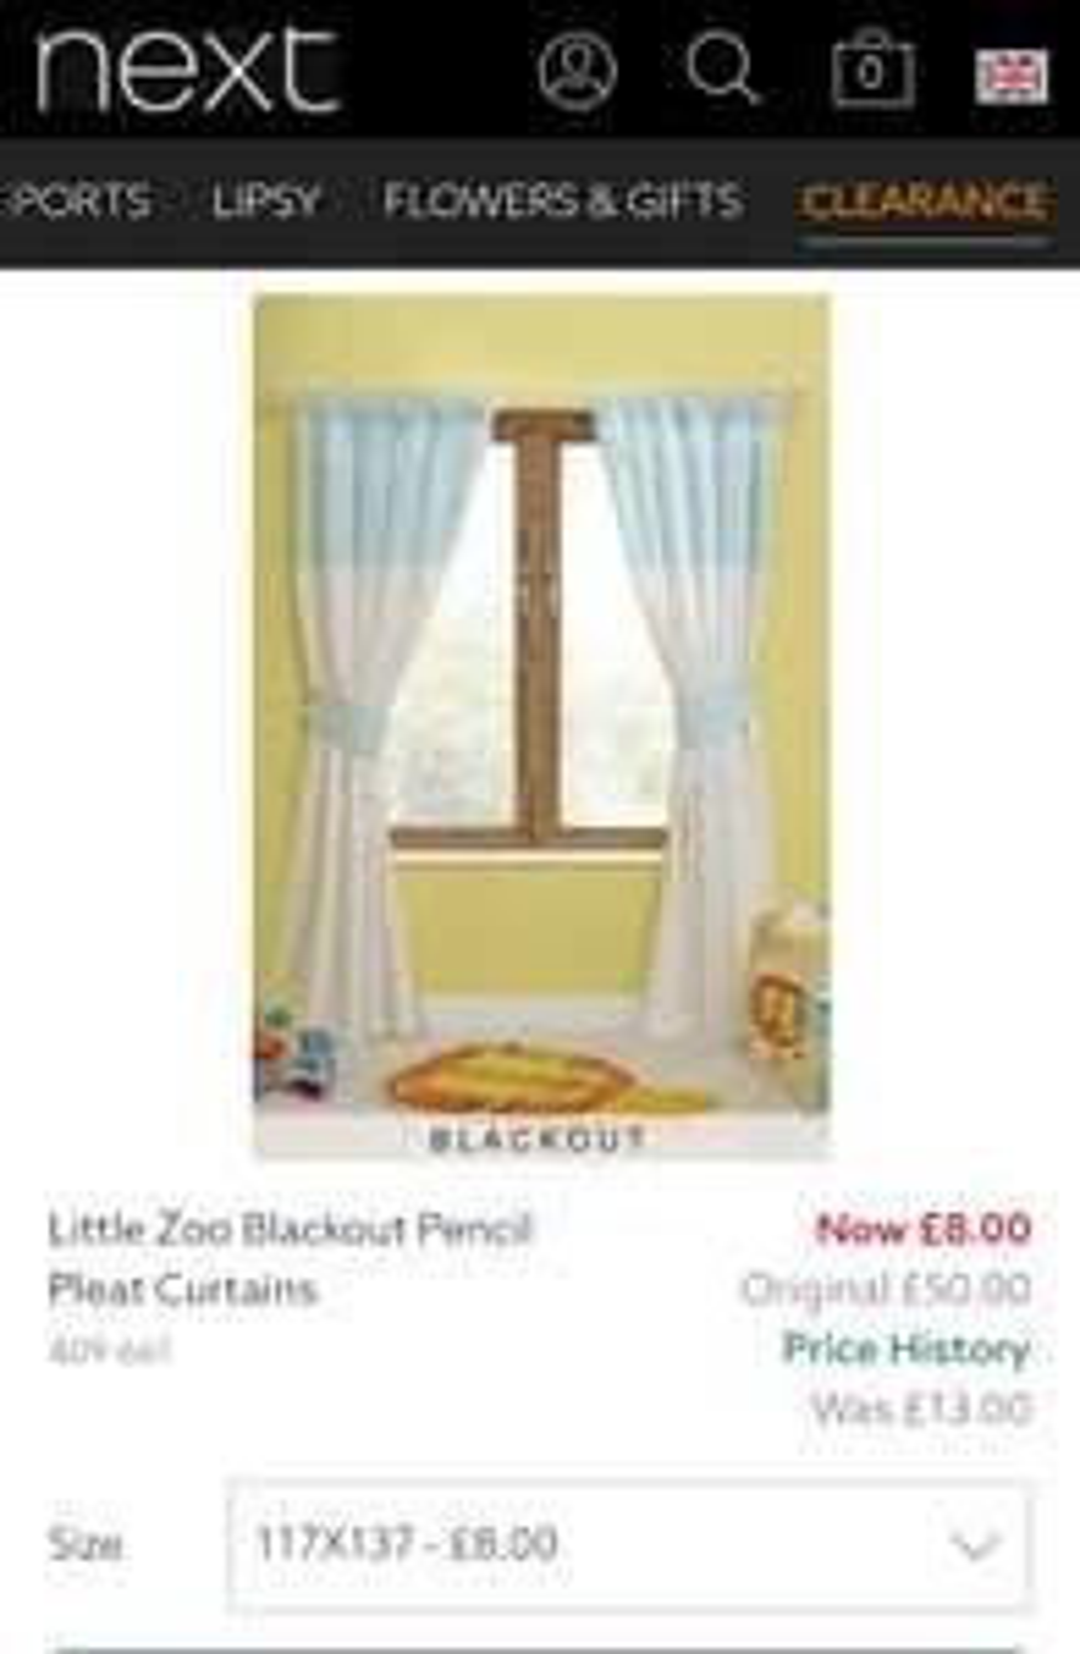 NEXT- Little Zoo Blackout Pencil Pleat Curtains: £8